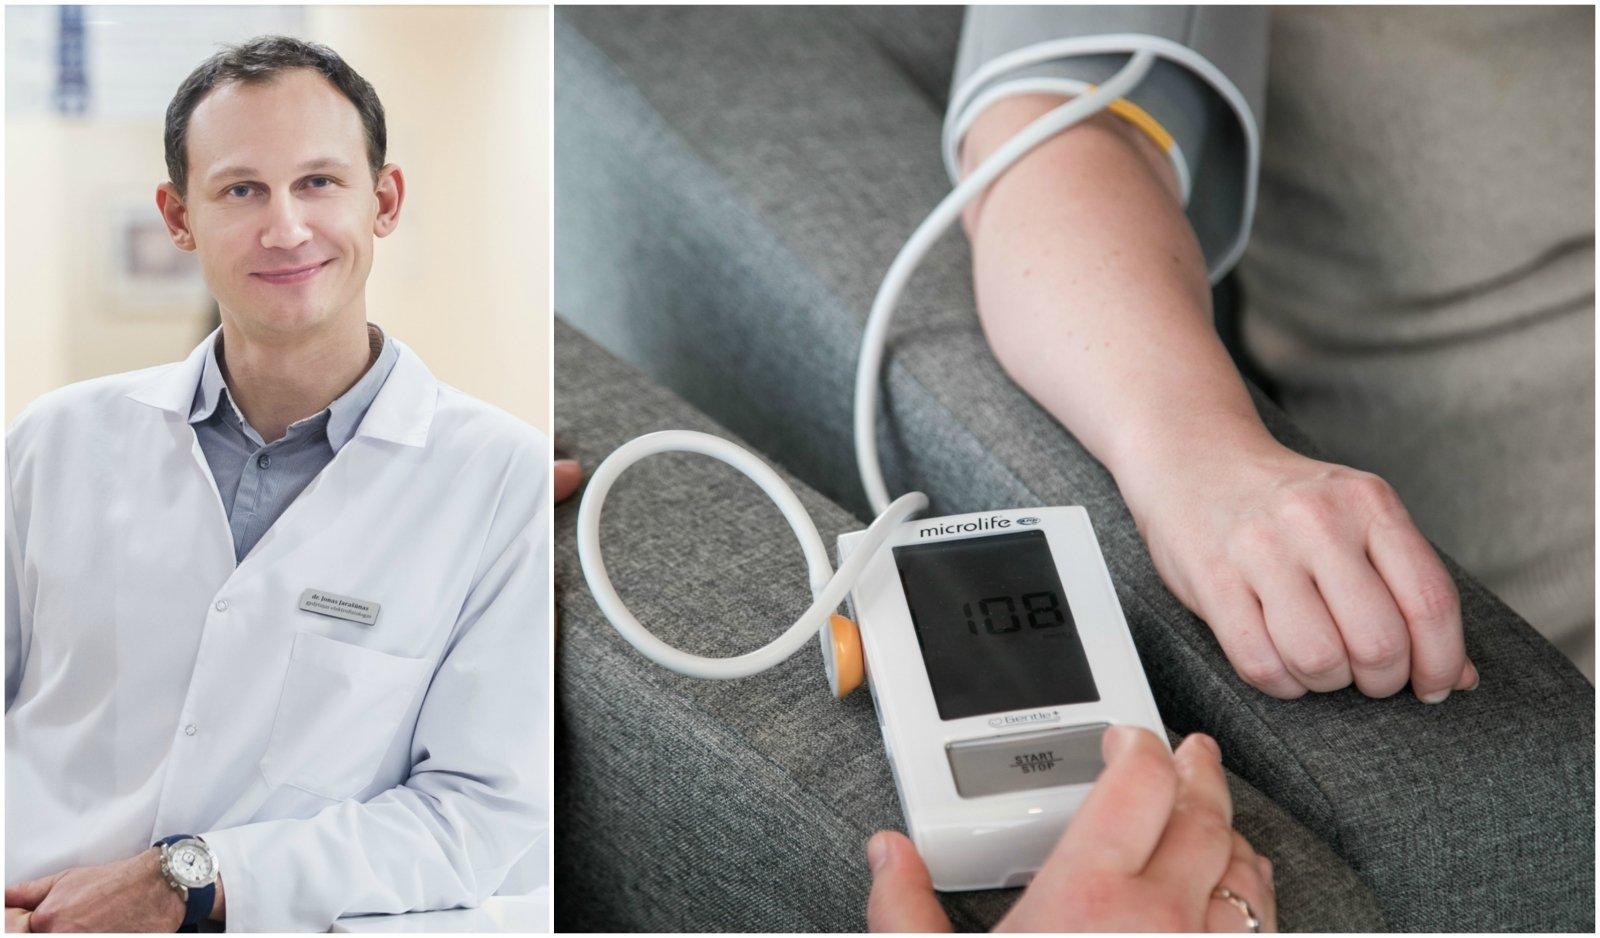 ką daryti norint išvengti hipertenzijos